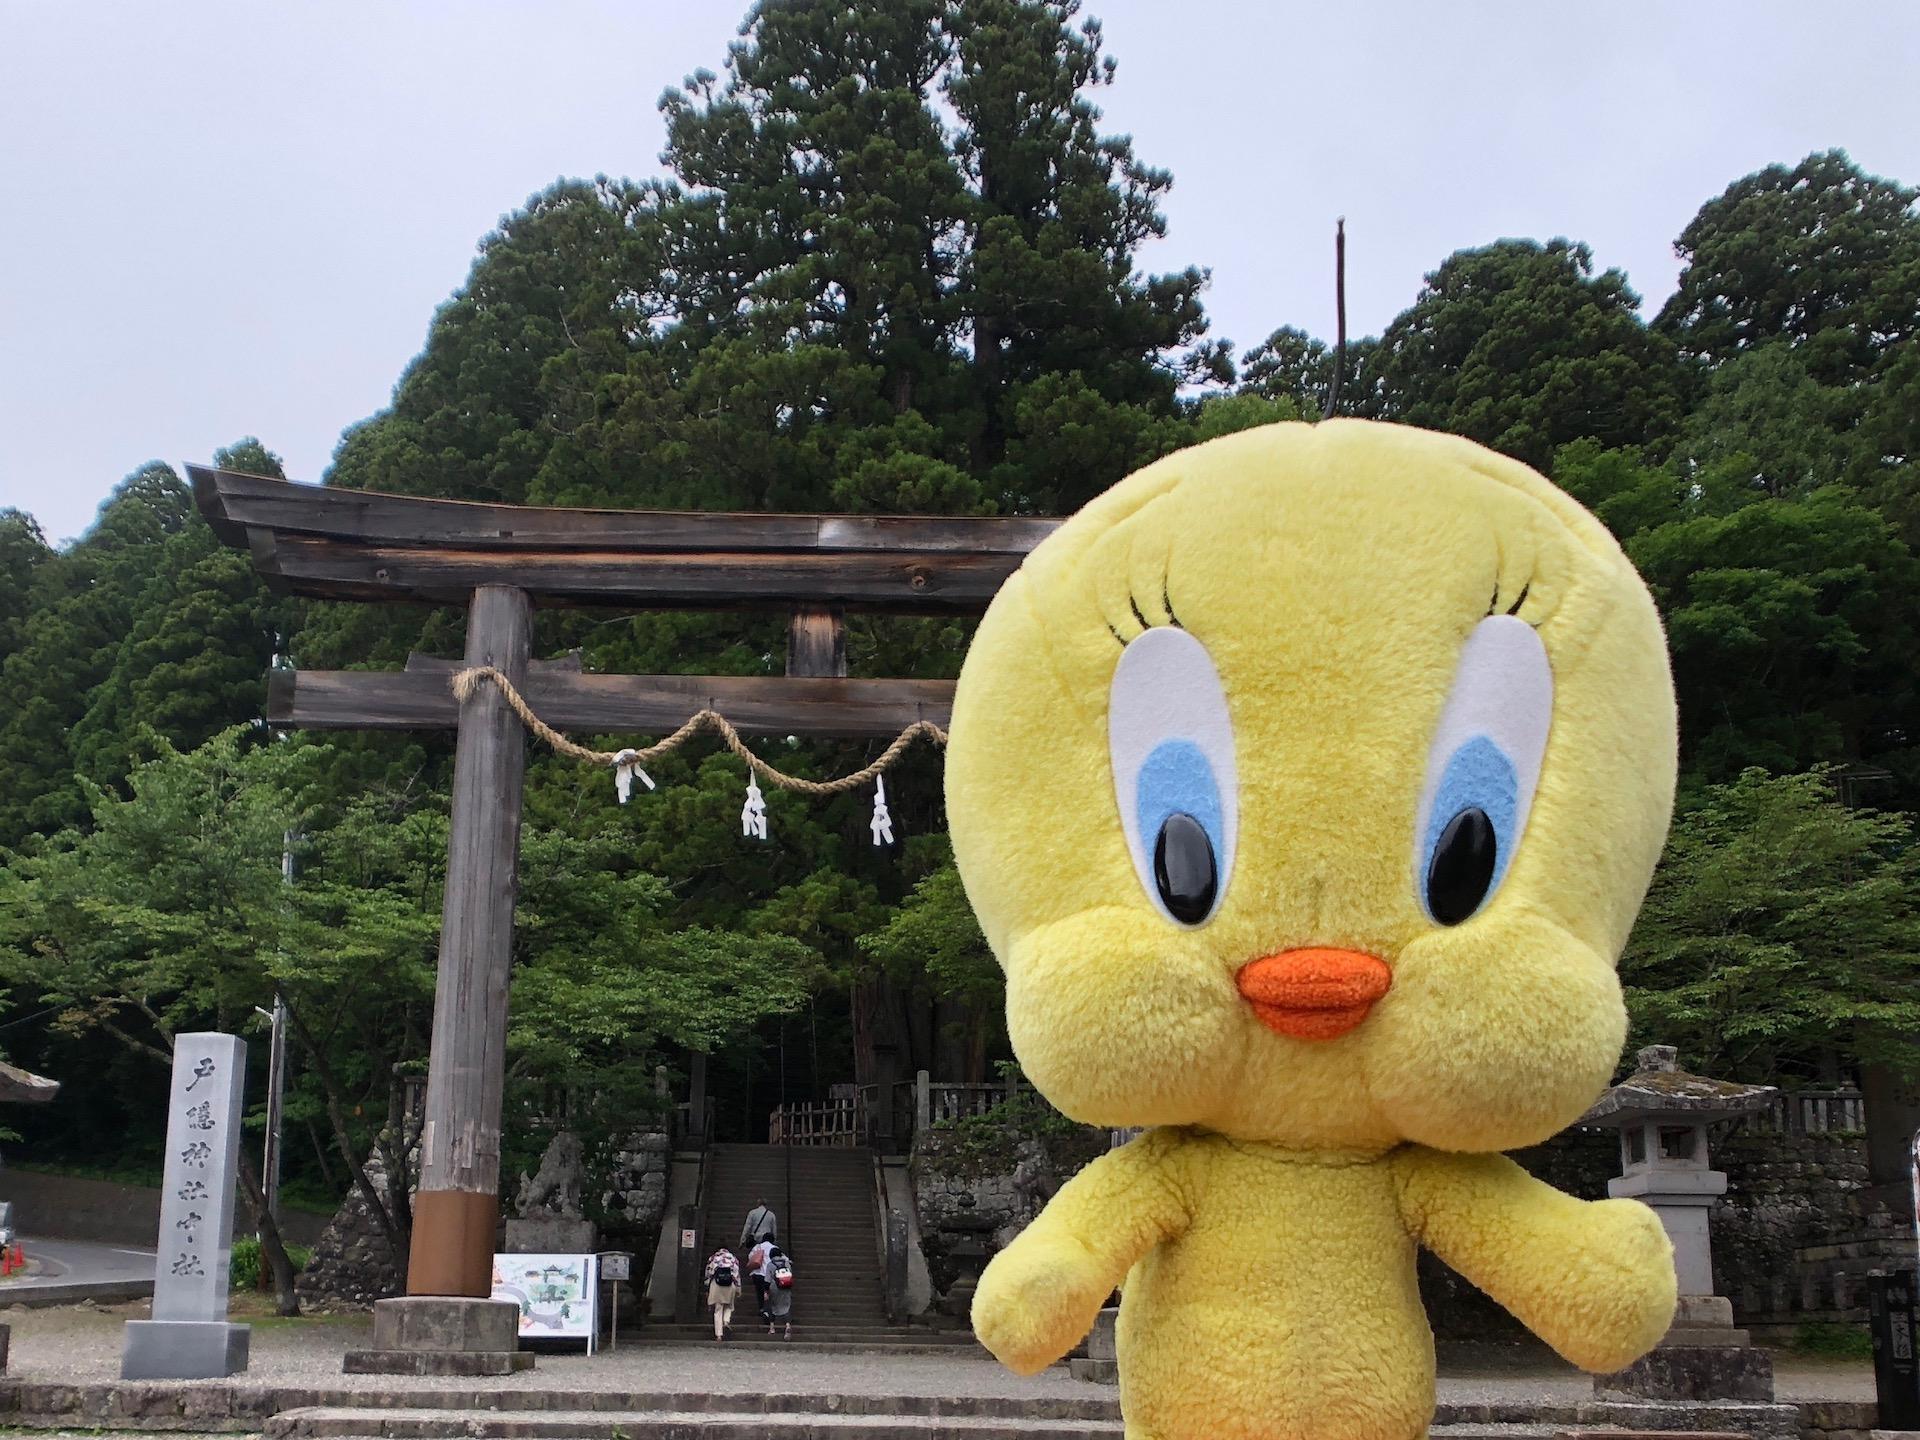 戸隠神社に行く前のチェックポイント5つ